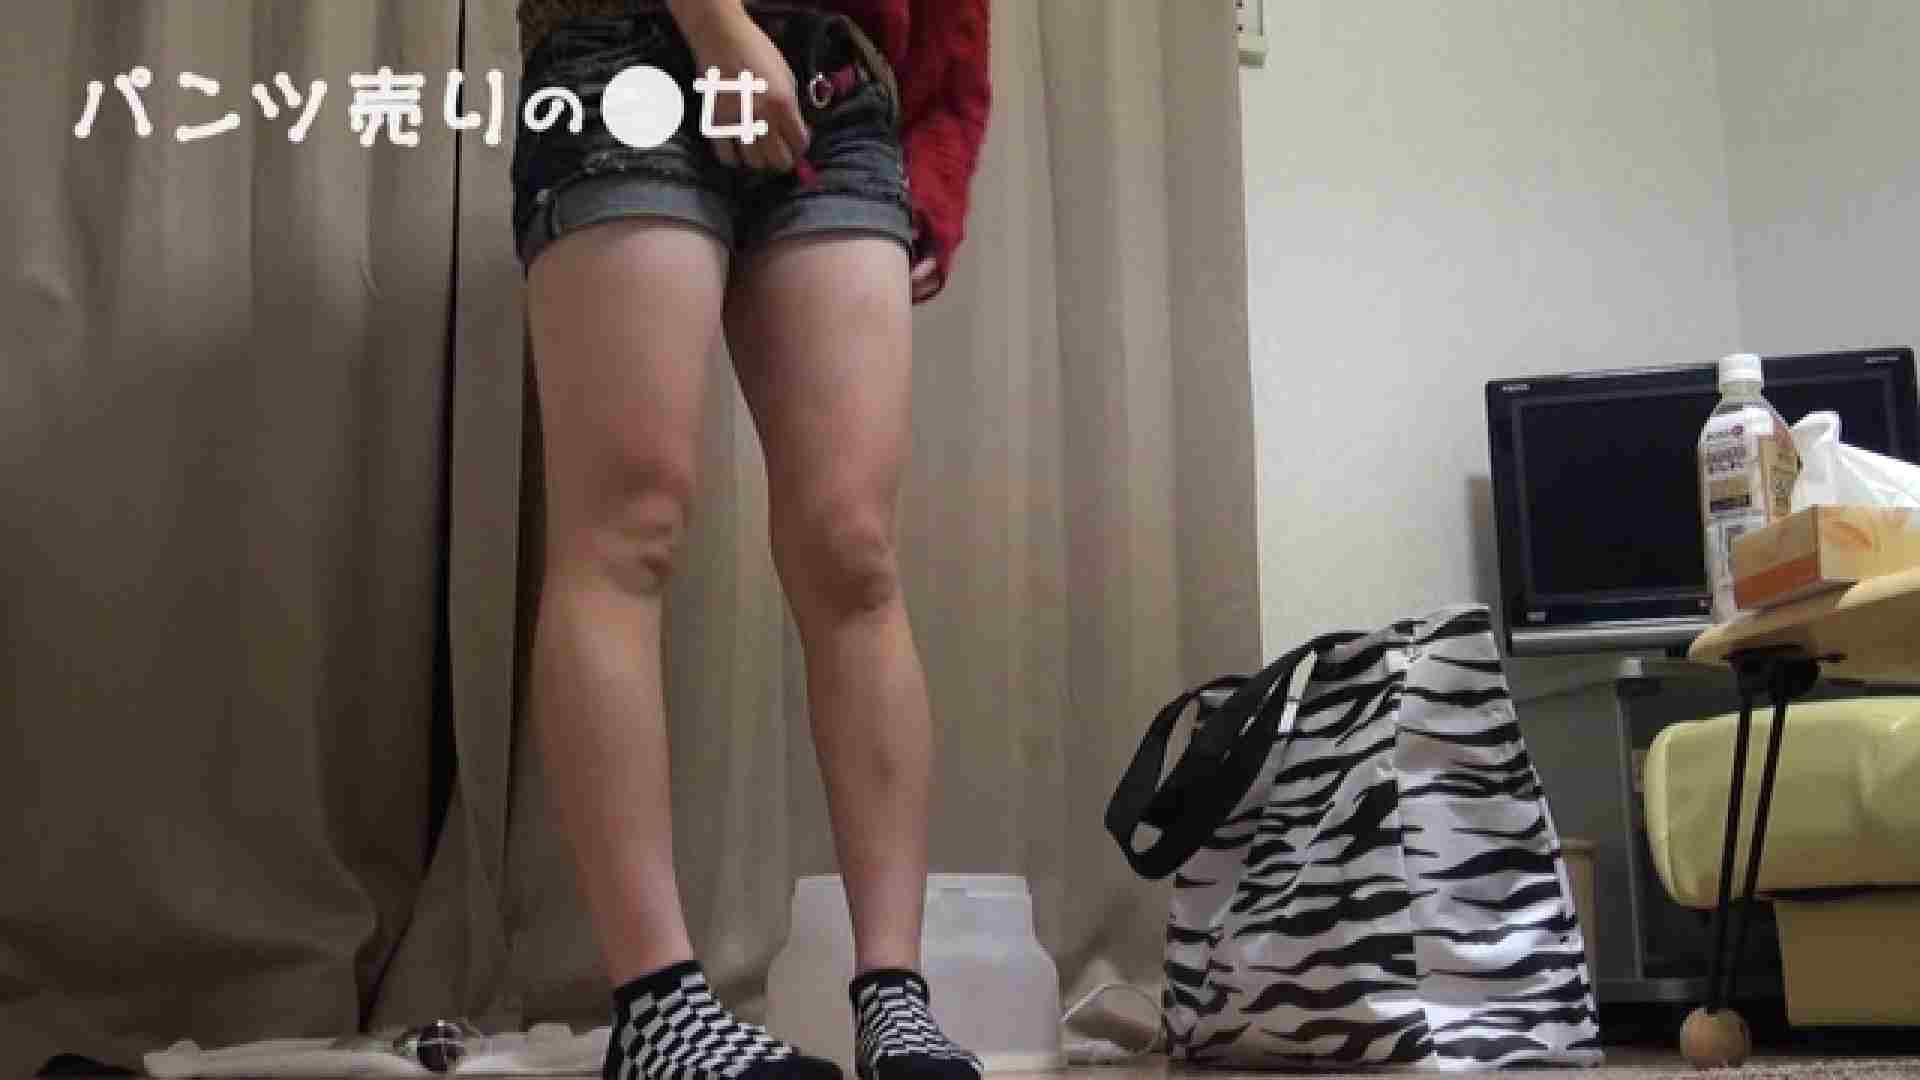 新説 パンツ売りの女の子mizuki パンツ  47連発 24